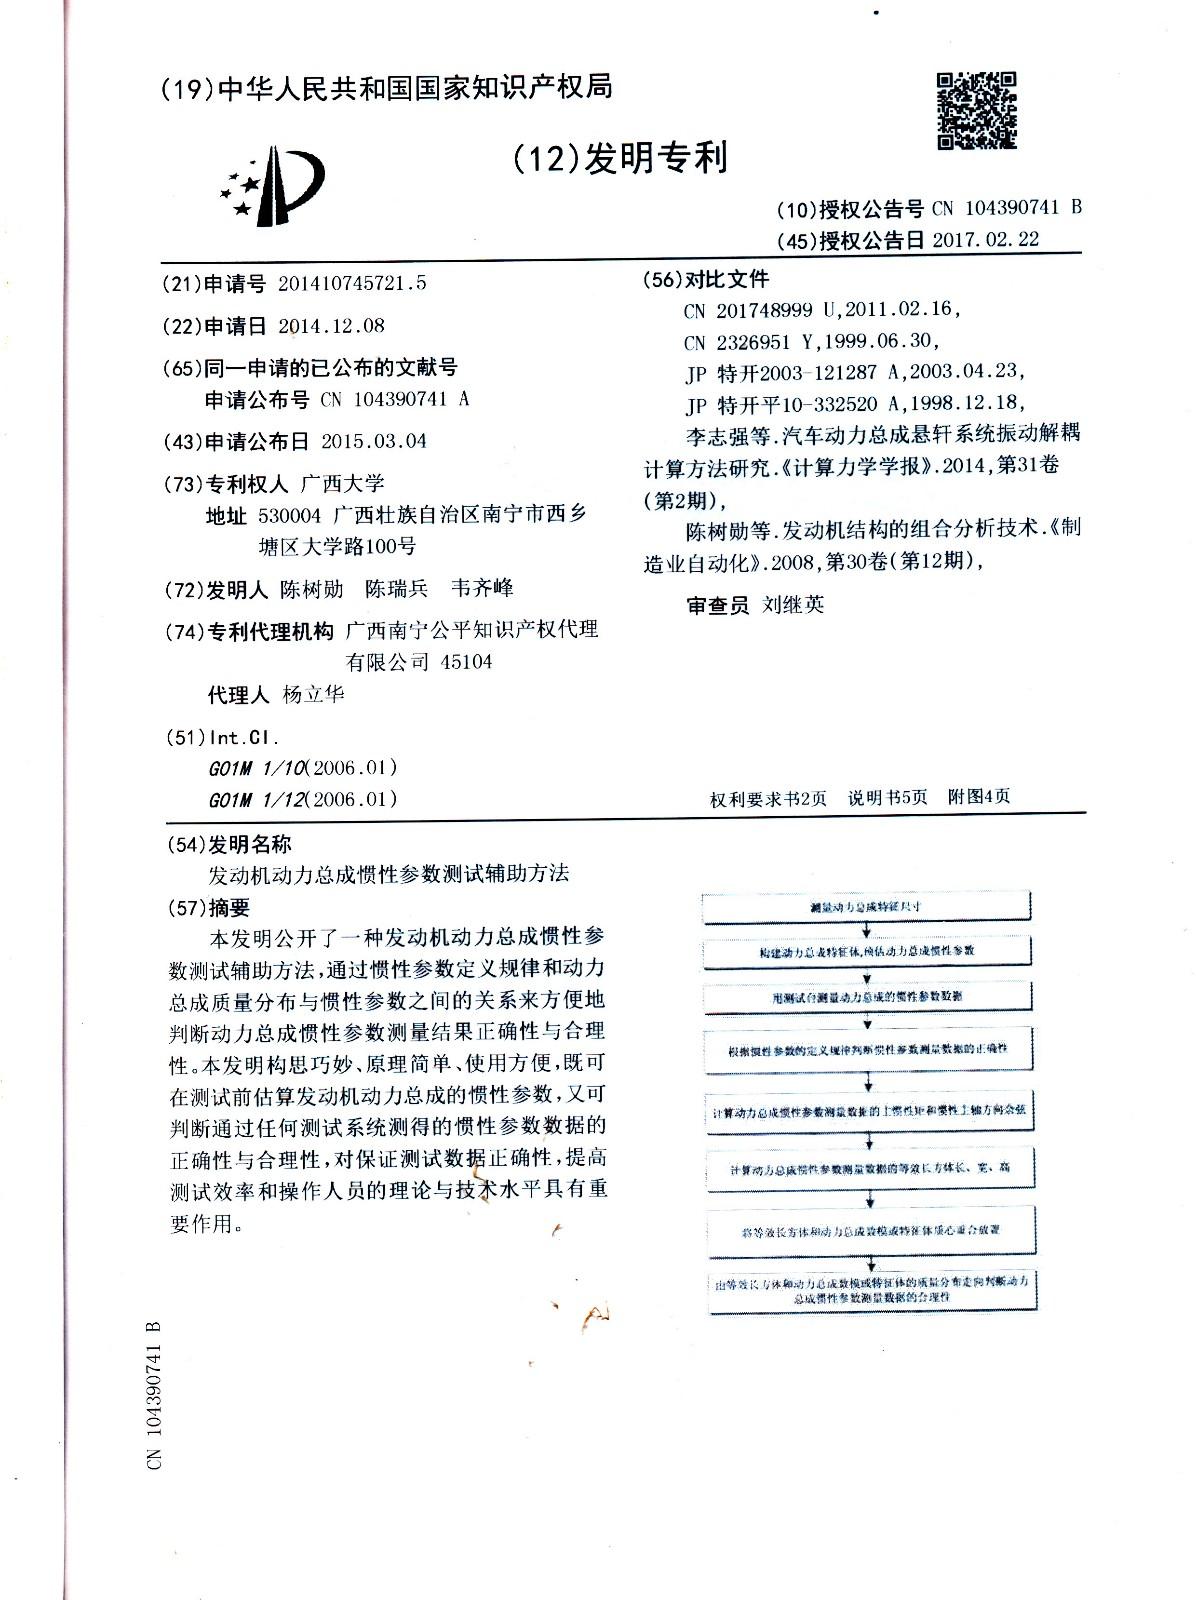 专利证书与摘要与原理